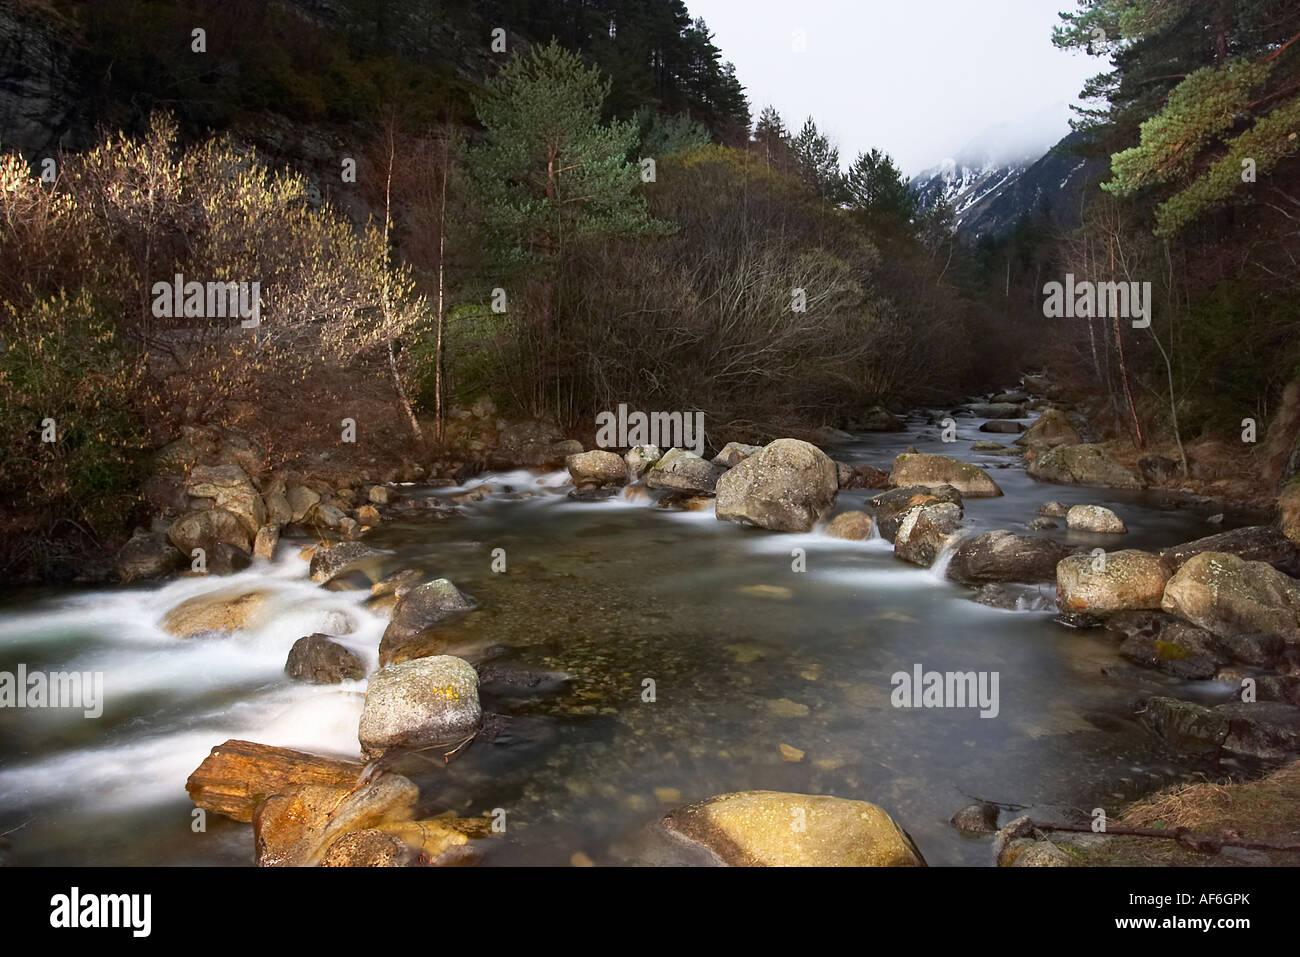 Río Sant Nicolau, Vall de Boí. Lleida España. Nocturna río Sant Nicolau, Vall de Boí, Lleida España Foto de stock